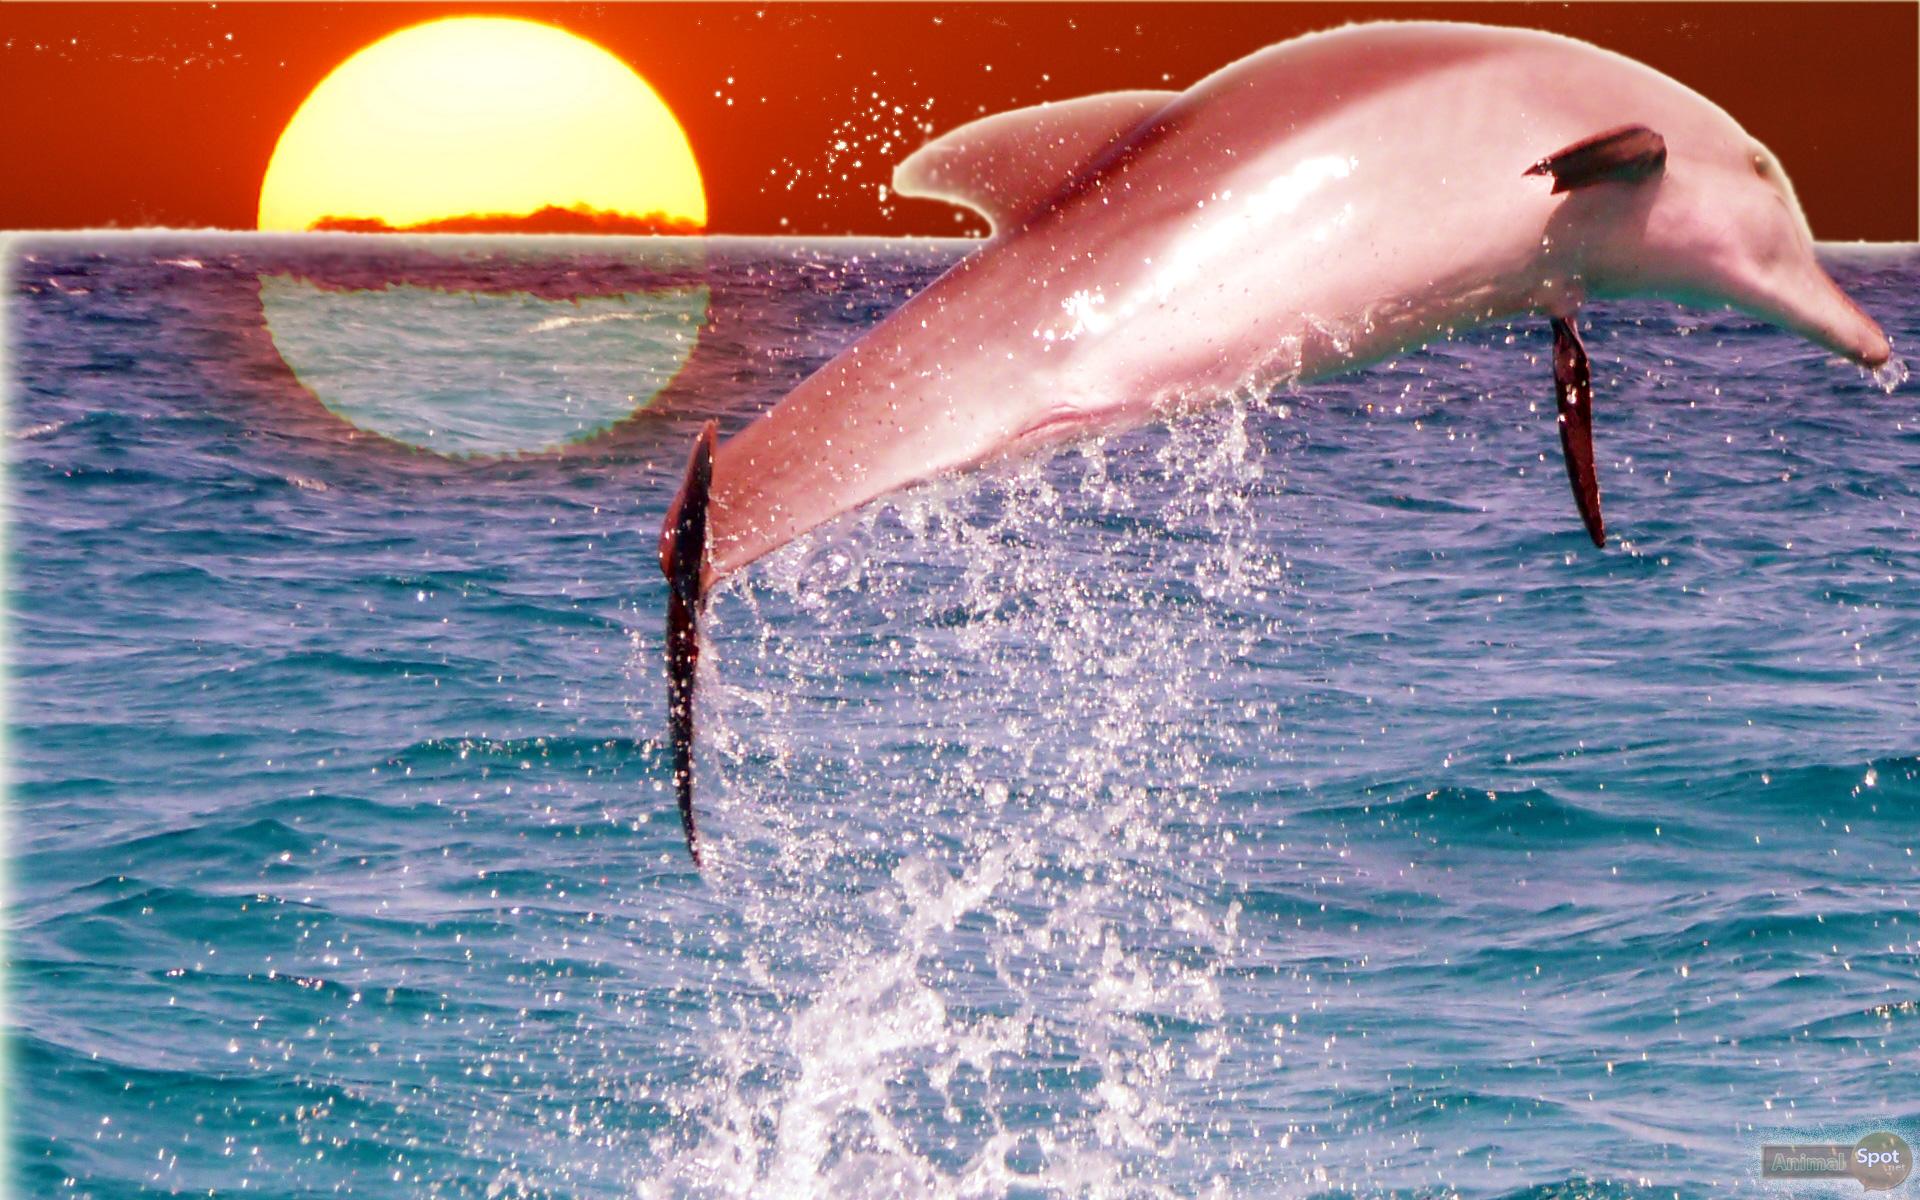 海のイルカ イルカの壁紙無料 19x10 Wallpapertip